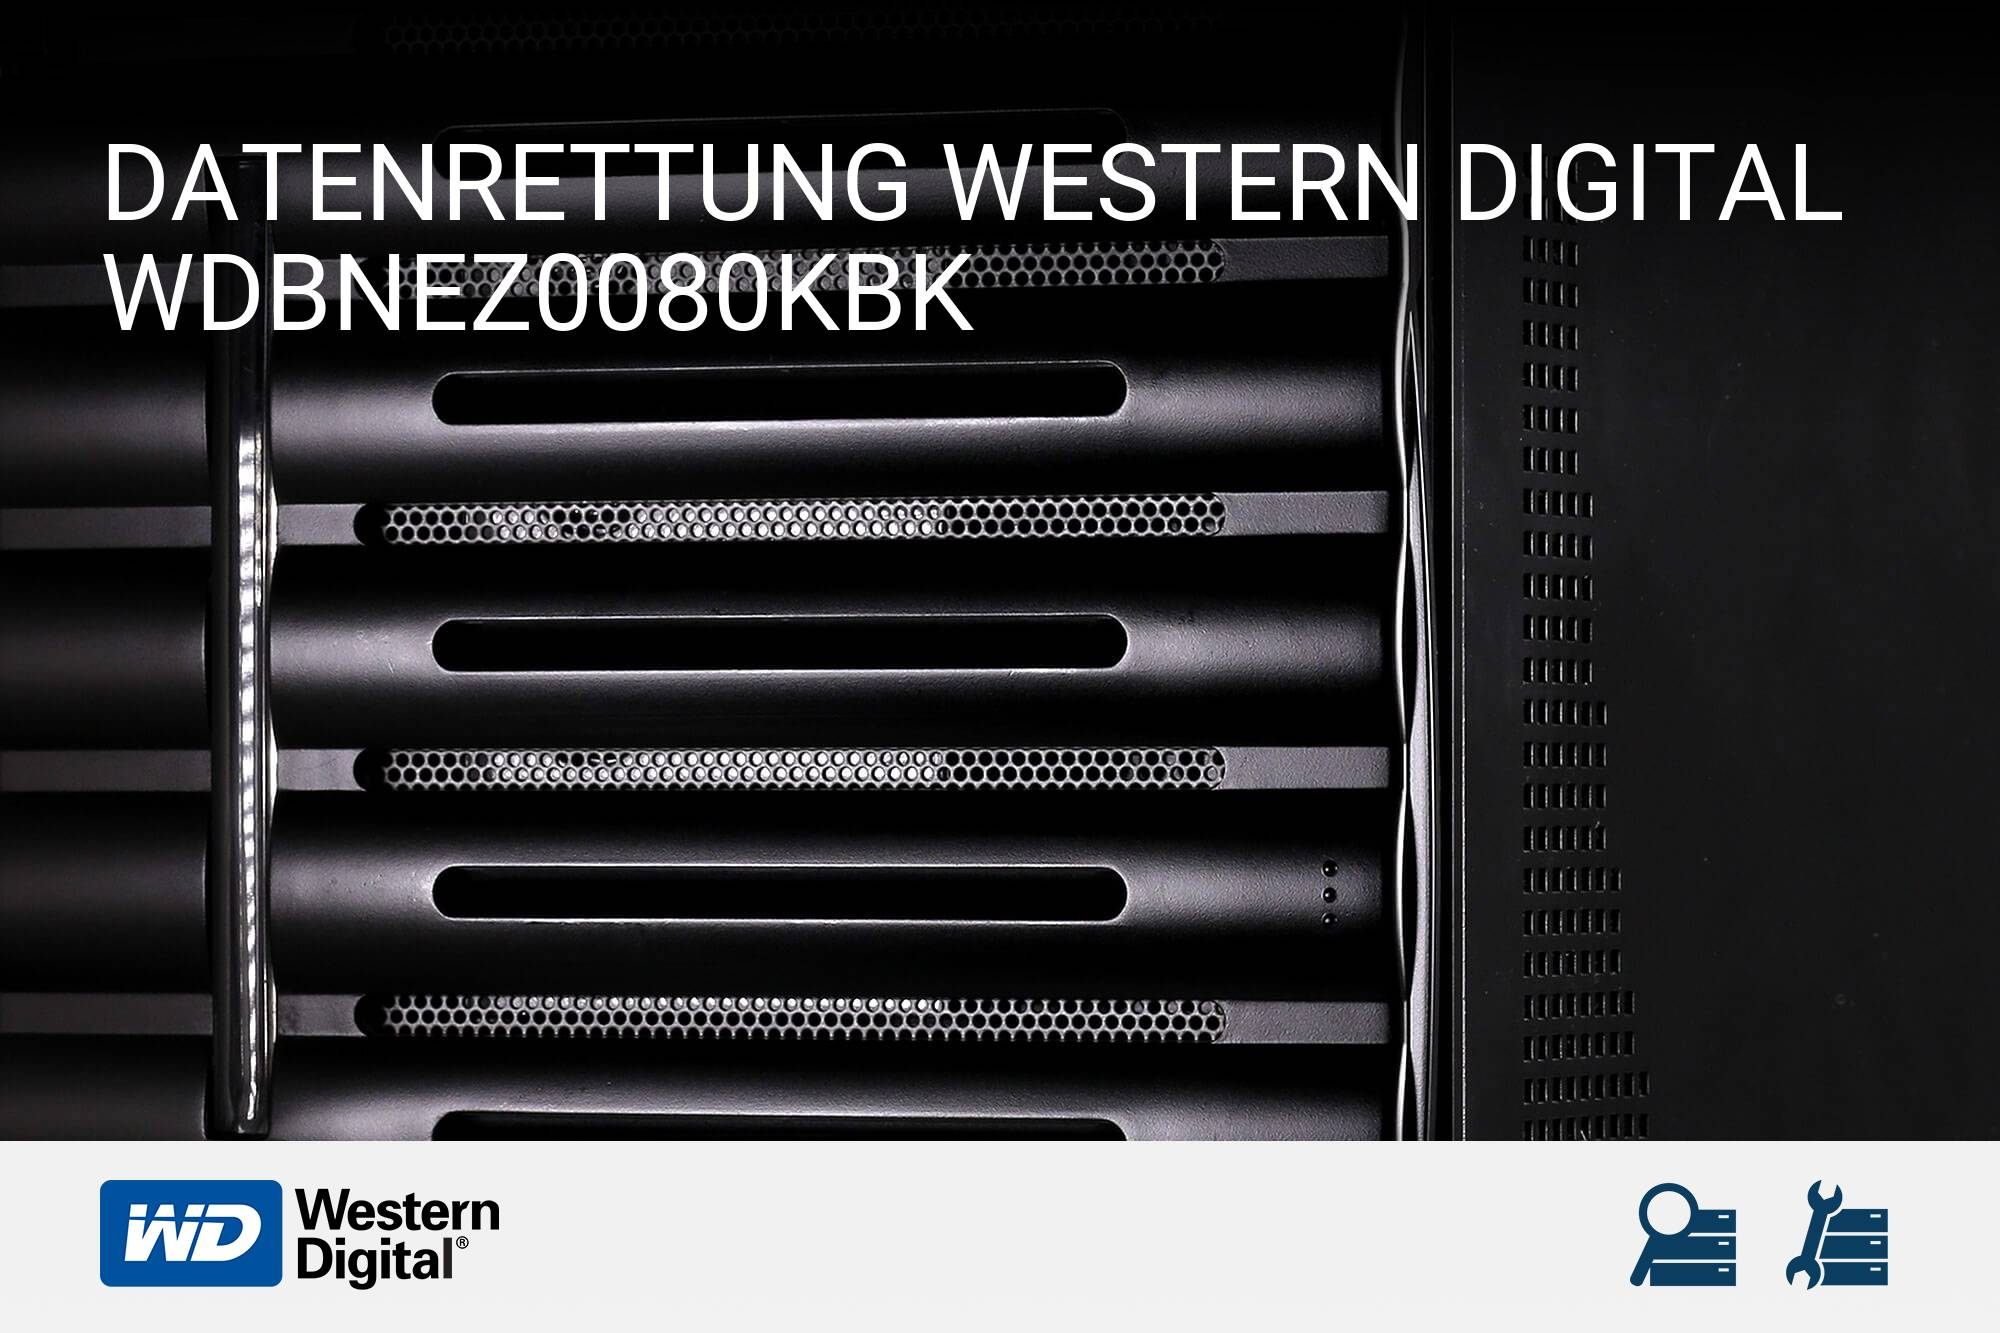 Western Digital WDBNEZ0080KBK